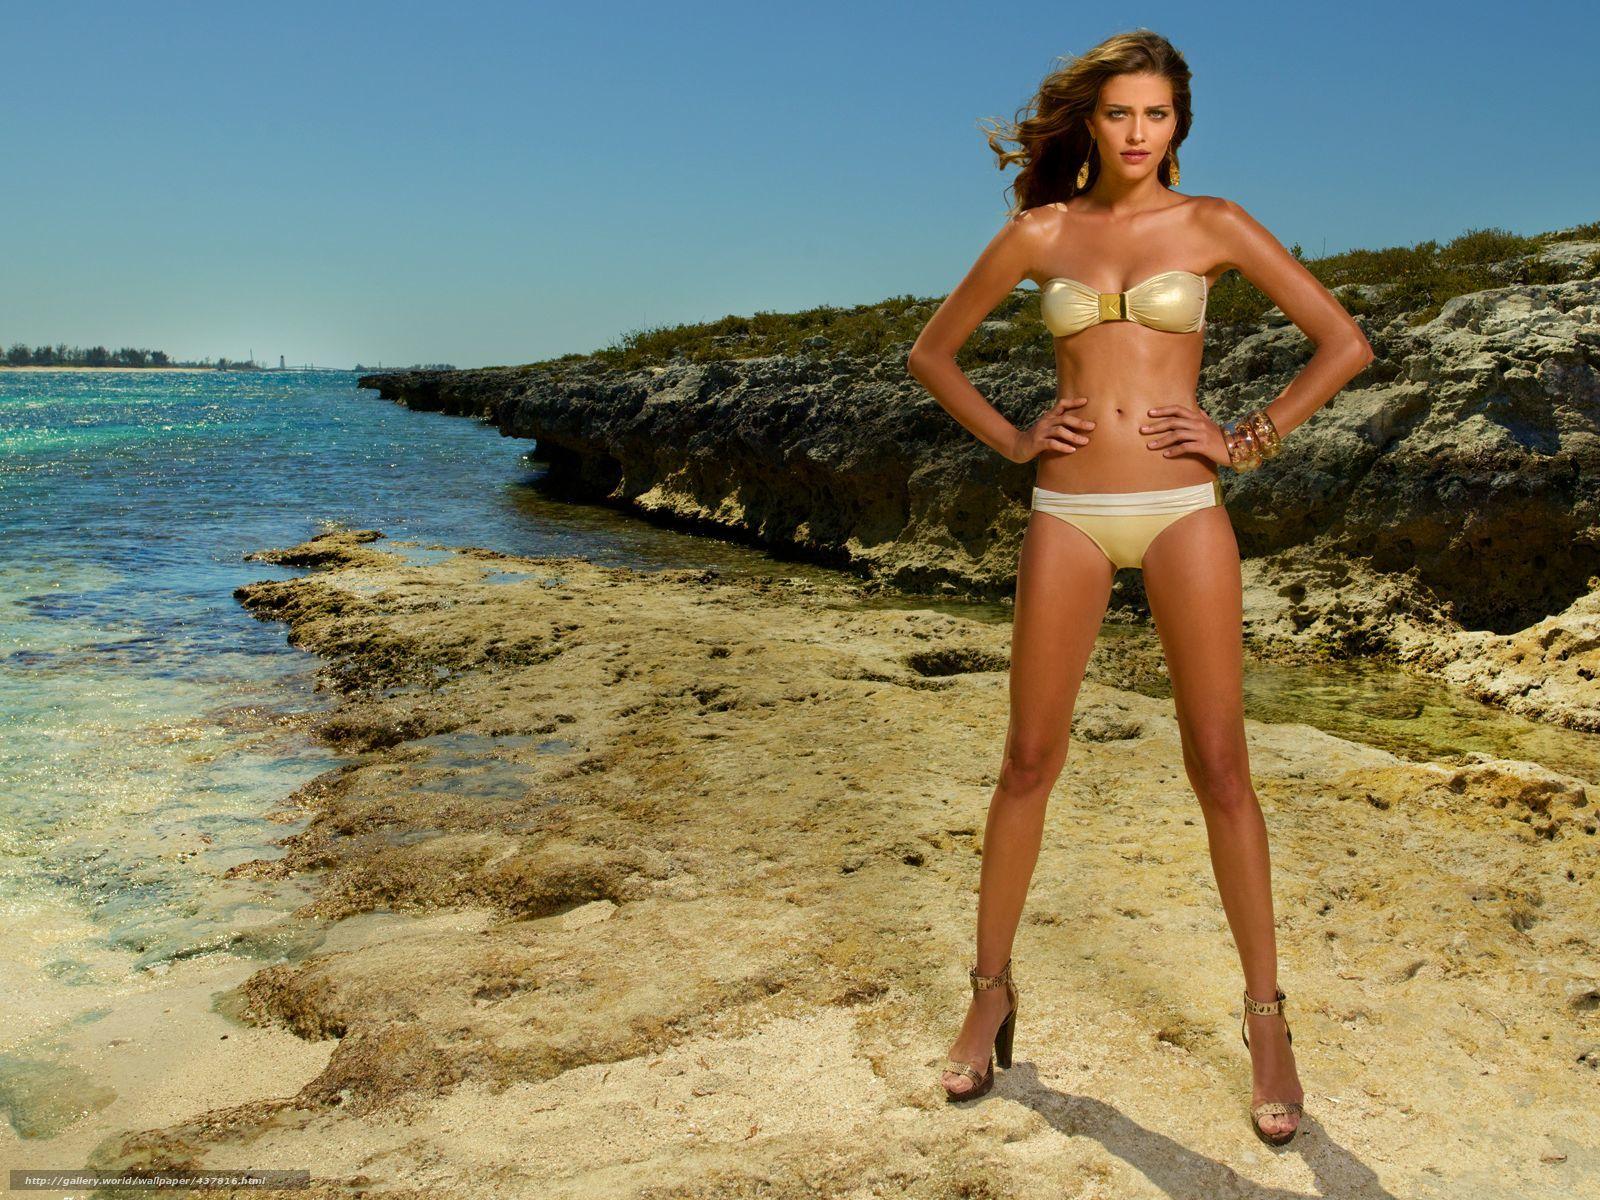 Фото женщин на берегу моря 23 фотография